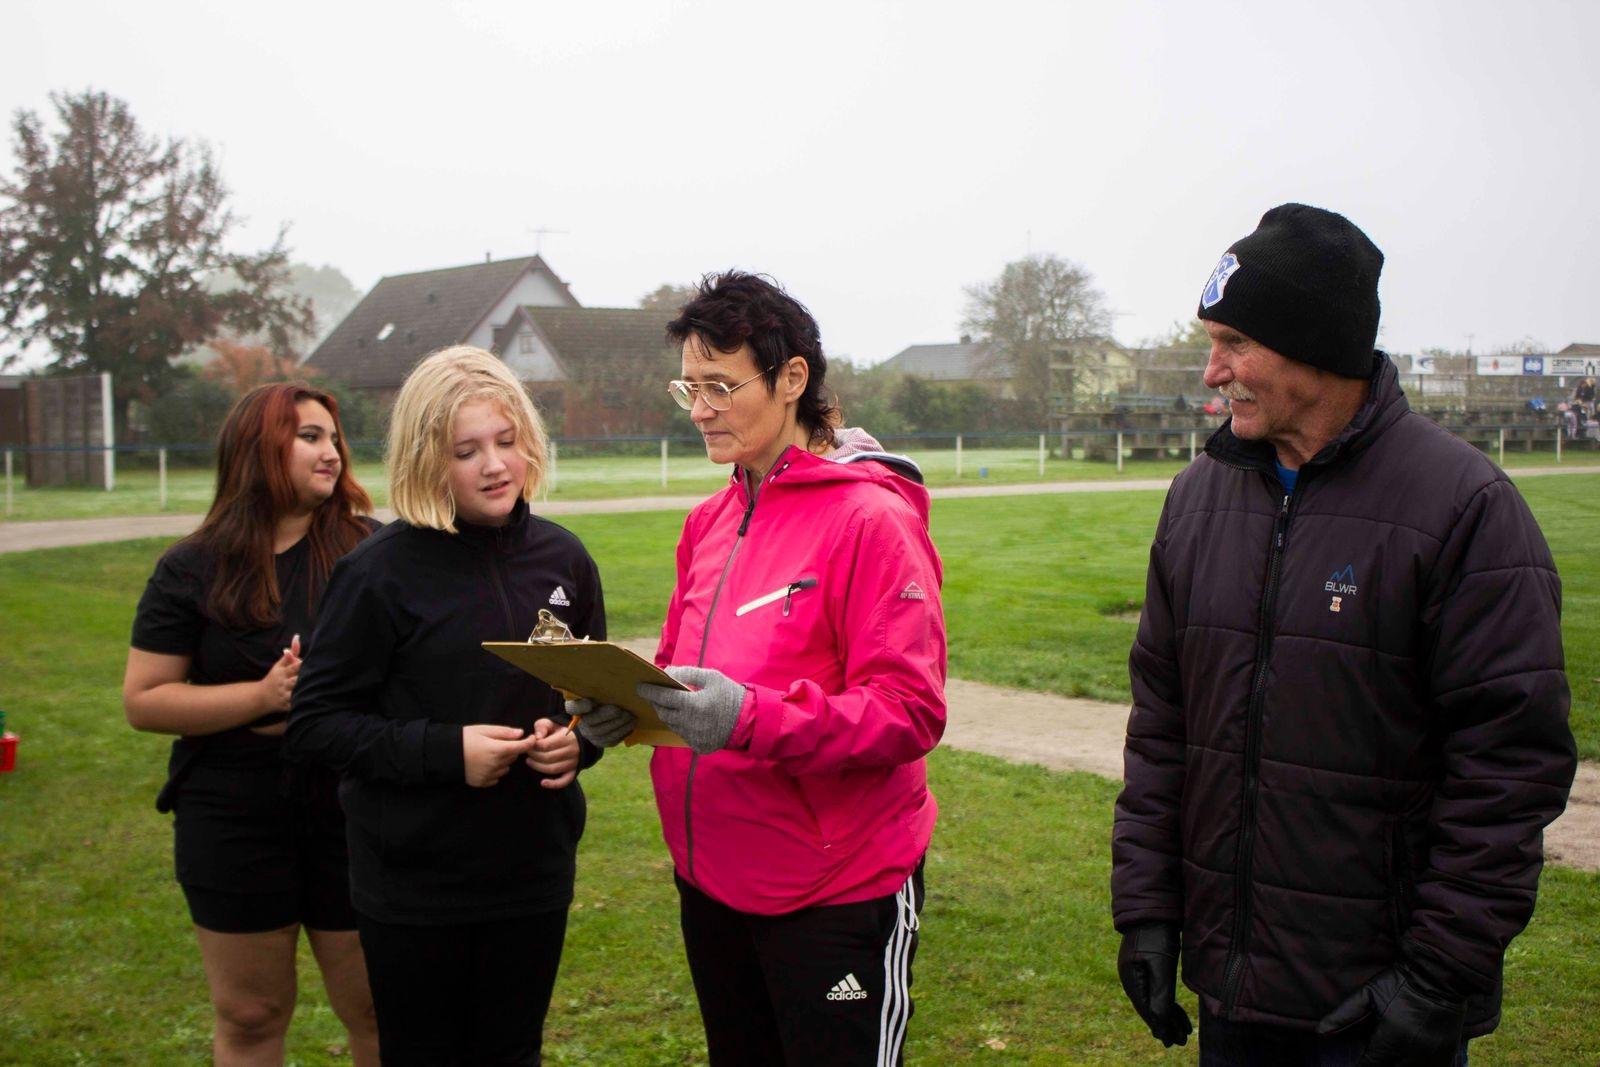 Tina Hörlin i rosa jacka visar resultatet för kulkastningen.